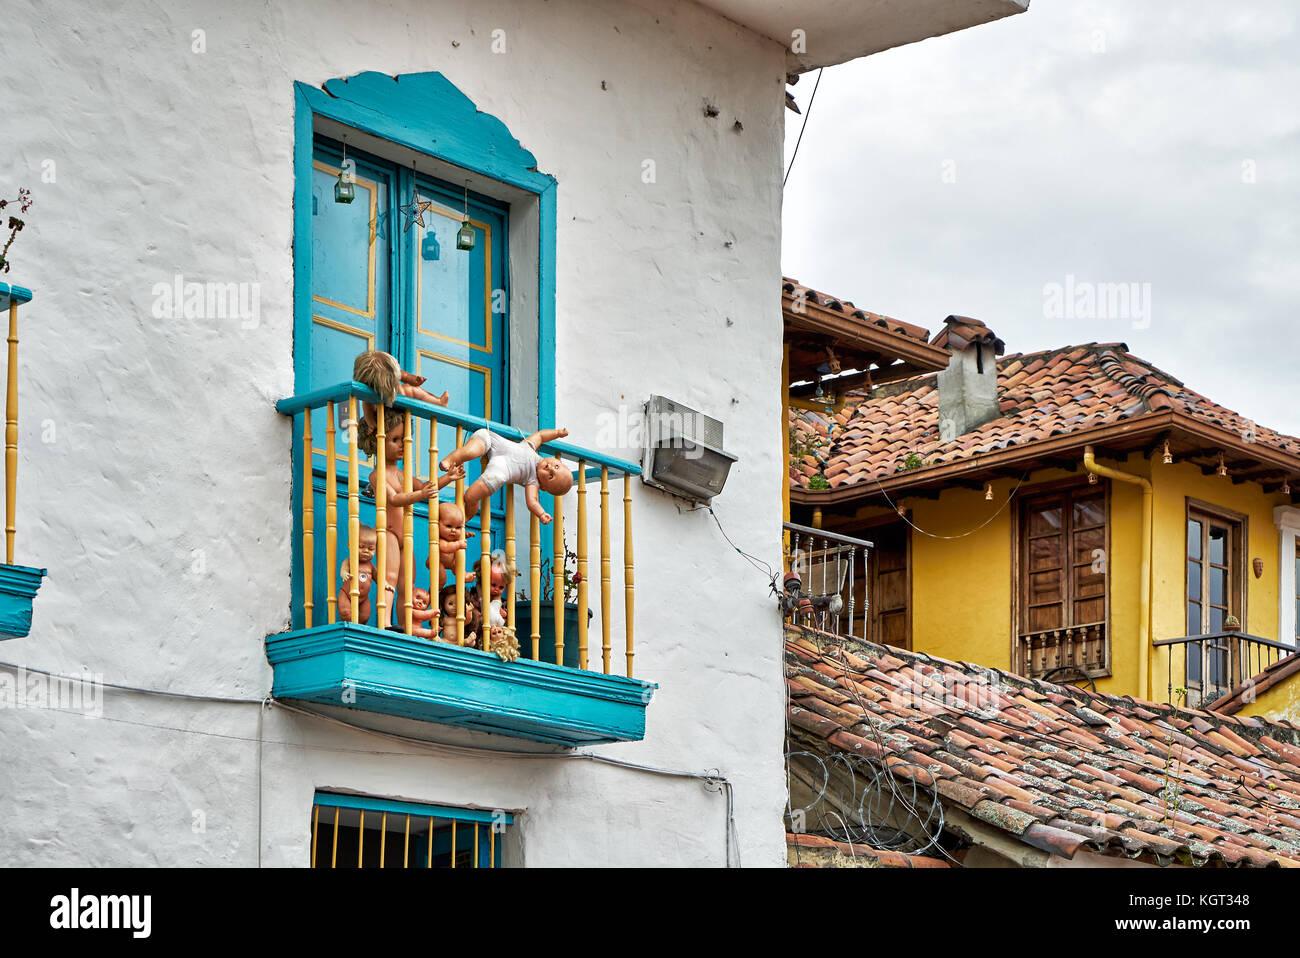 Typisches Gebaeude im Stadtteil La Candelaria, Bogotá Kolumbien, Suedamerika |edificio típico en la Candelaria, Imagen De Stock